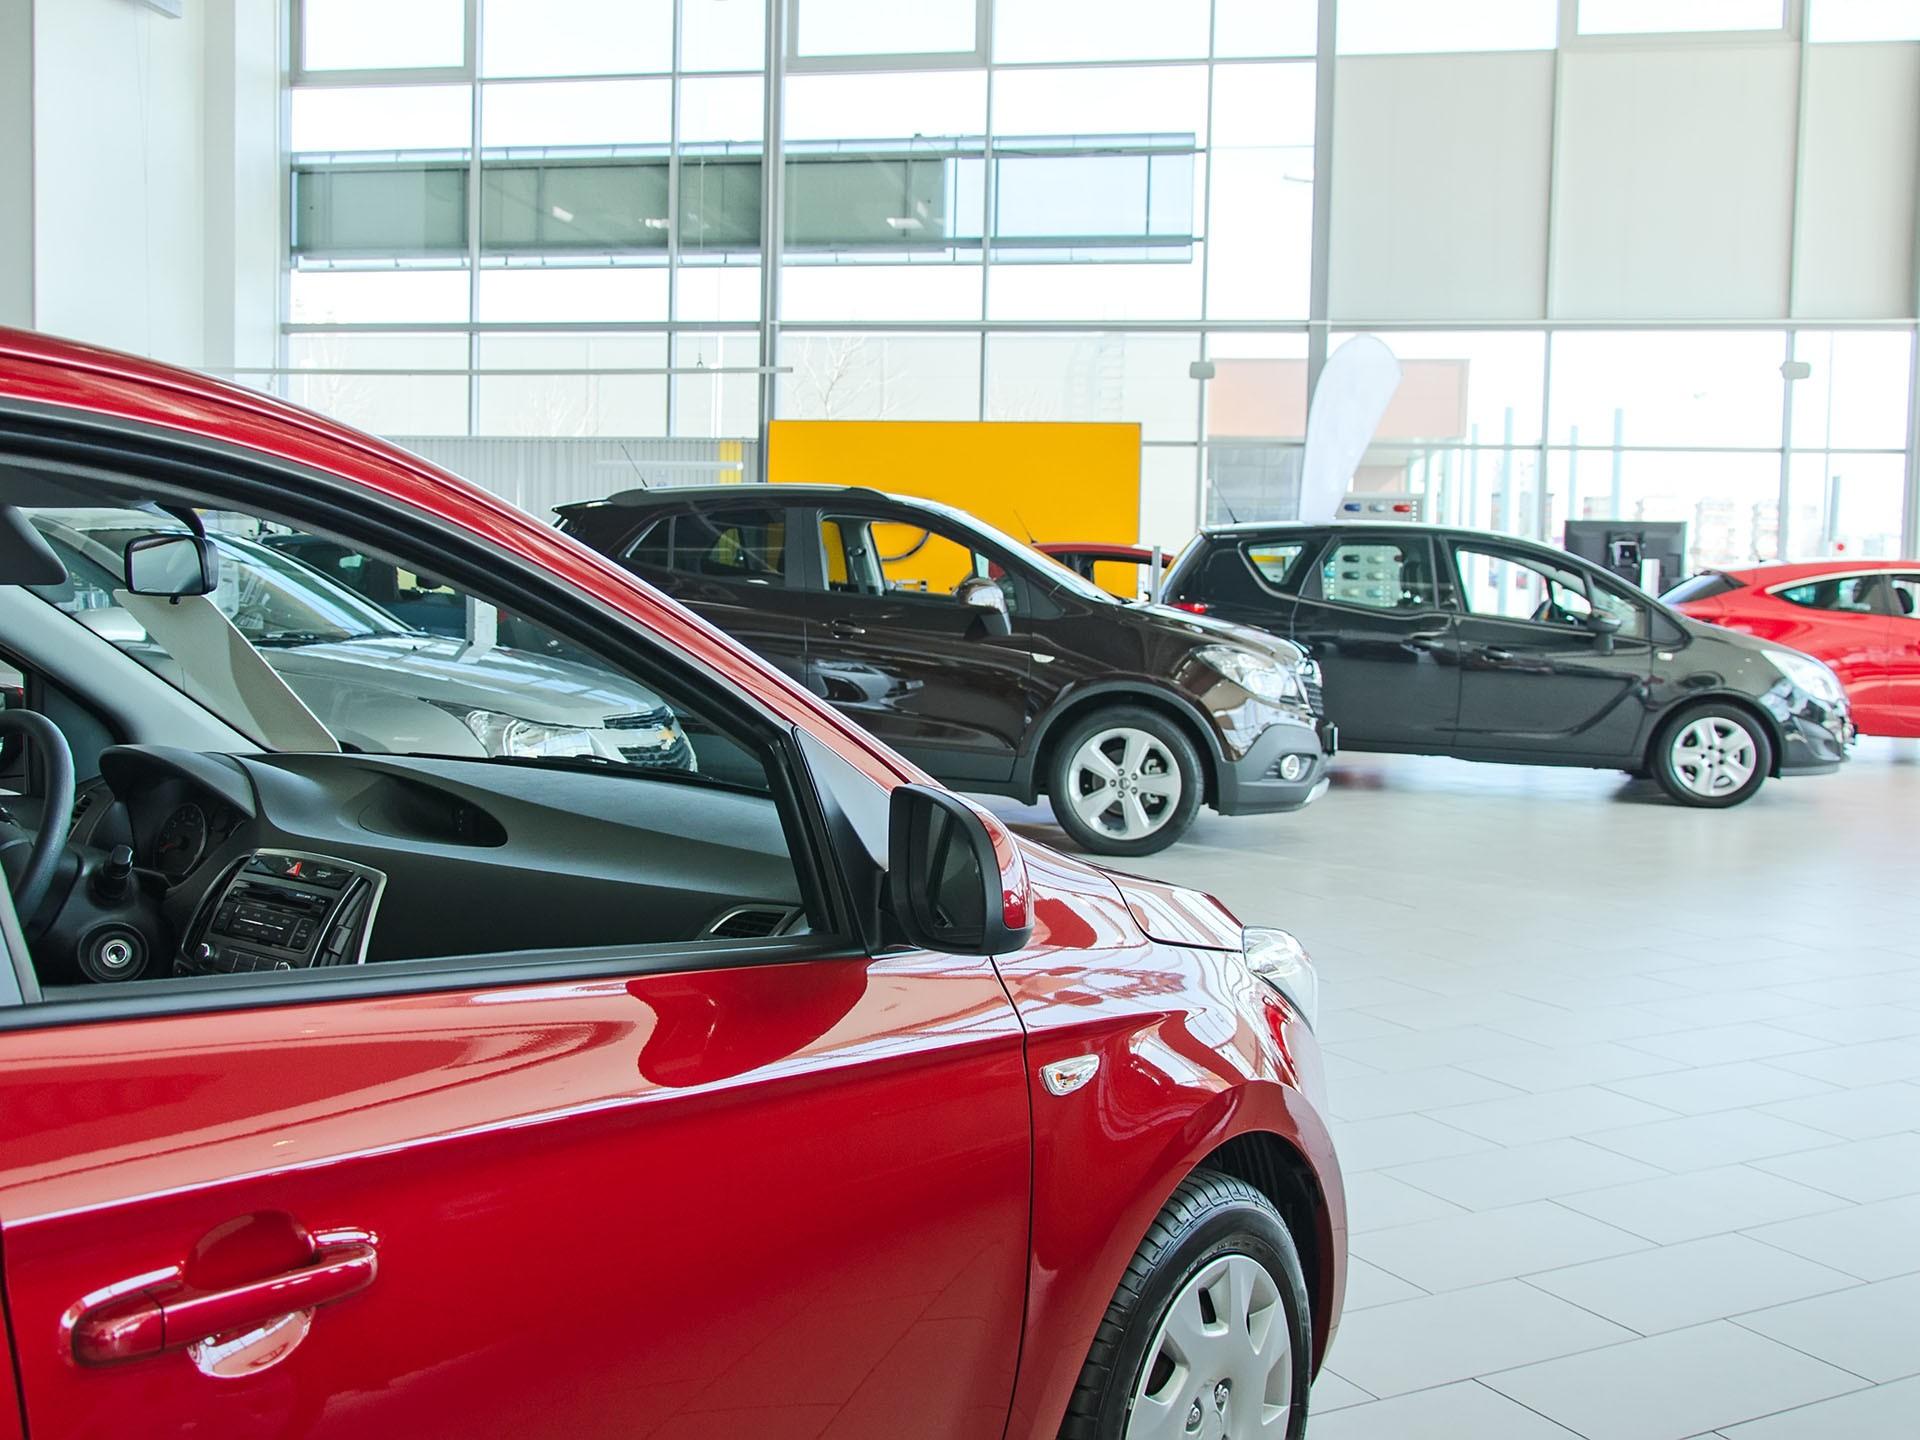 Авито Авто: во II квартале продажи на вторичном авторынке выросли на 25%